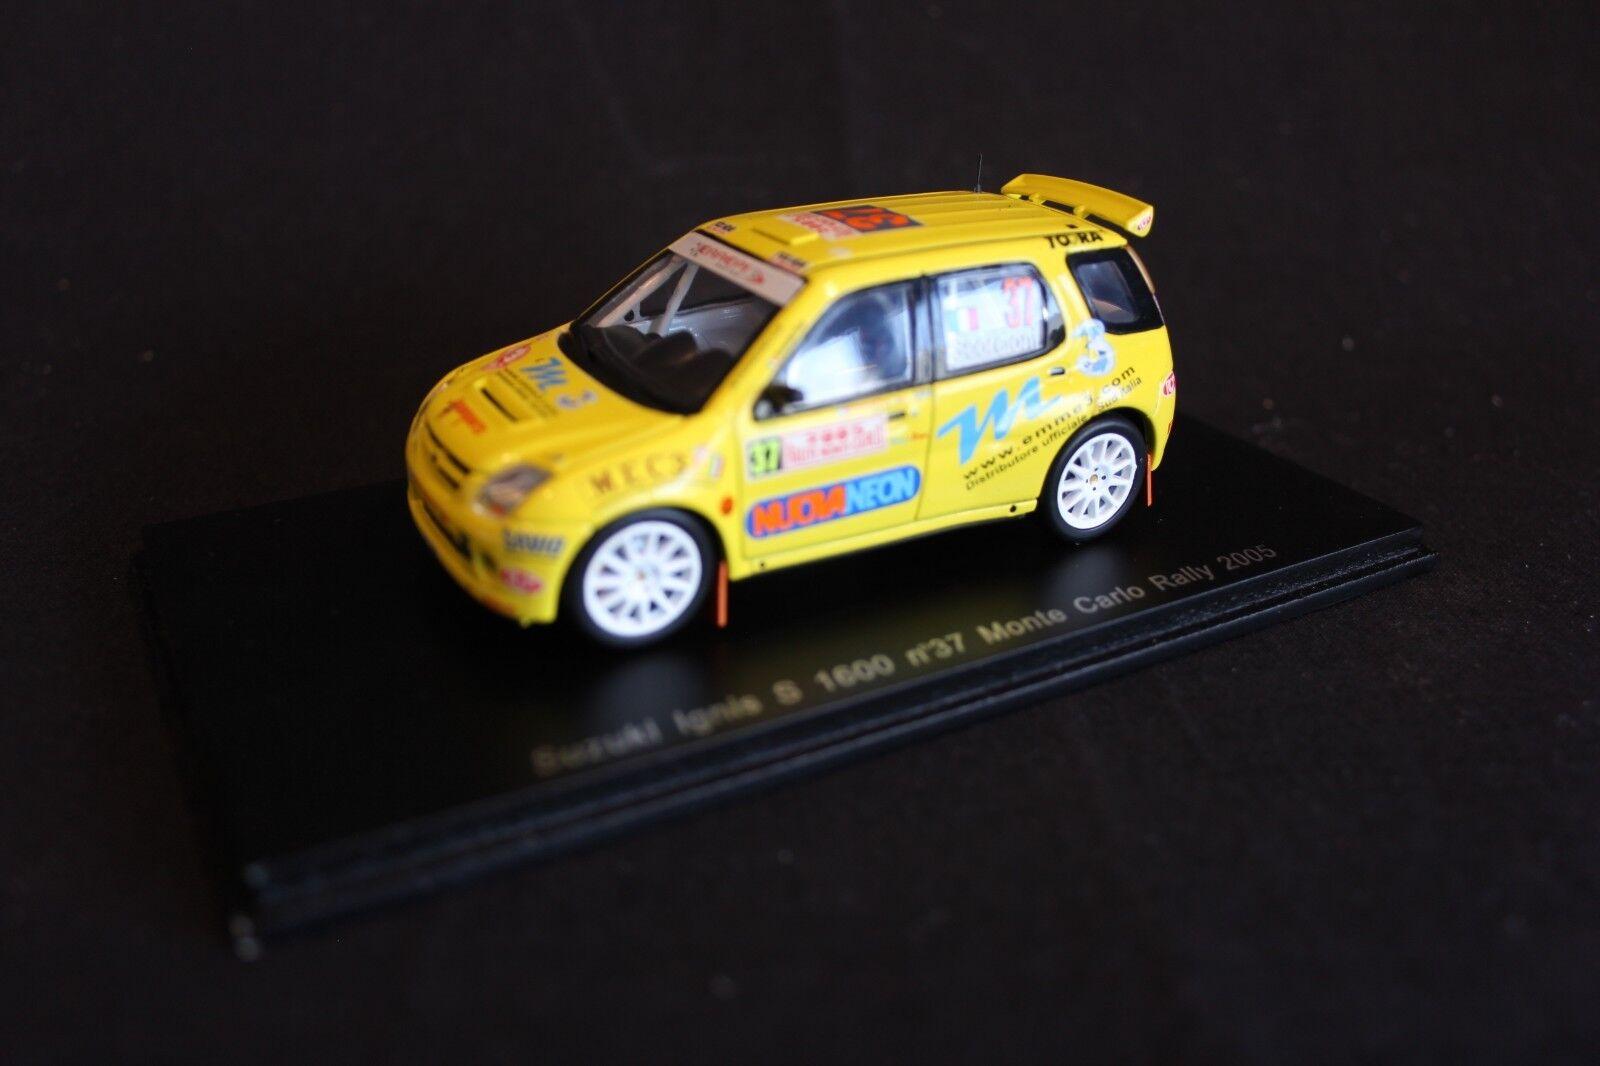 Spark Suzuki Ignis S 1600 2005 1 43  37 Scorcioni   Stefanelli Rally Monte-Carlo